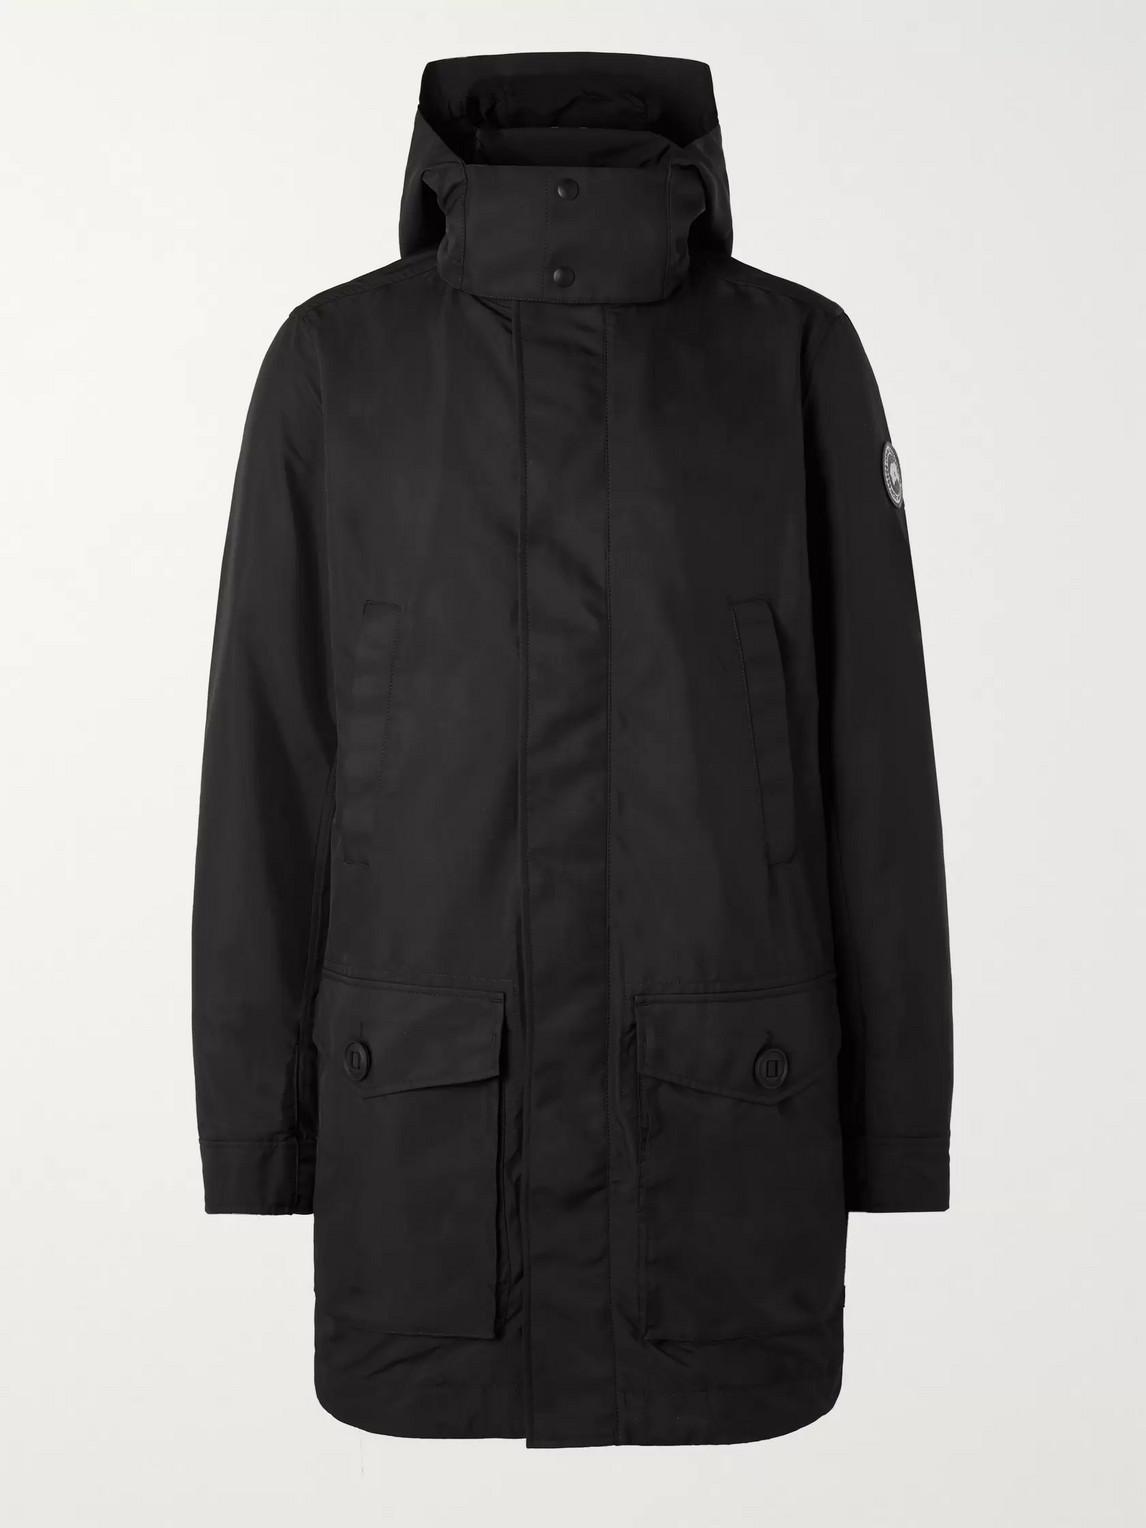 canada goose - crew dura-force light coat - men - black